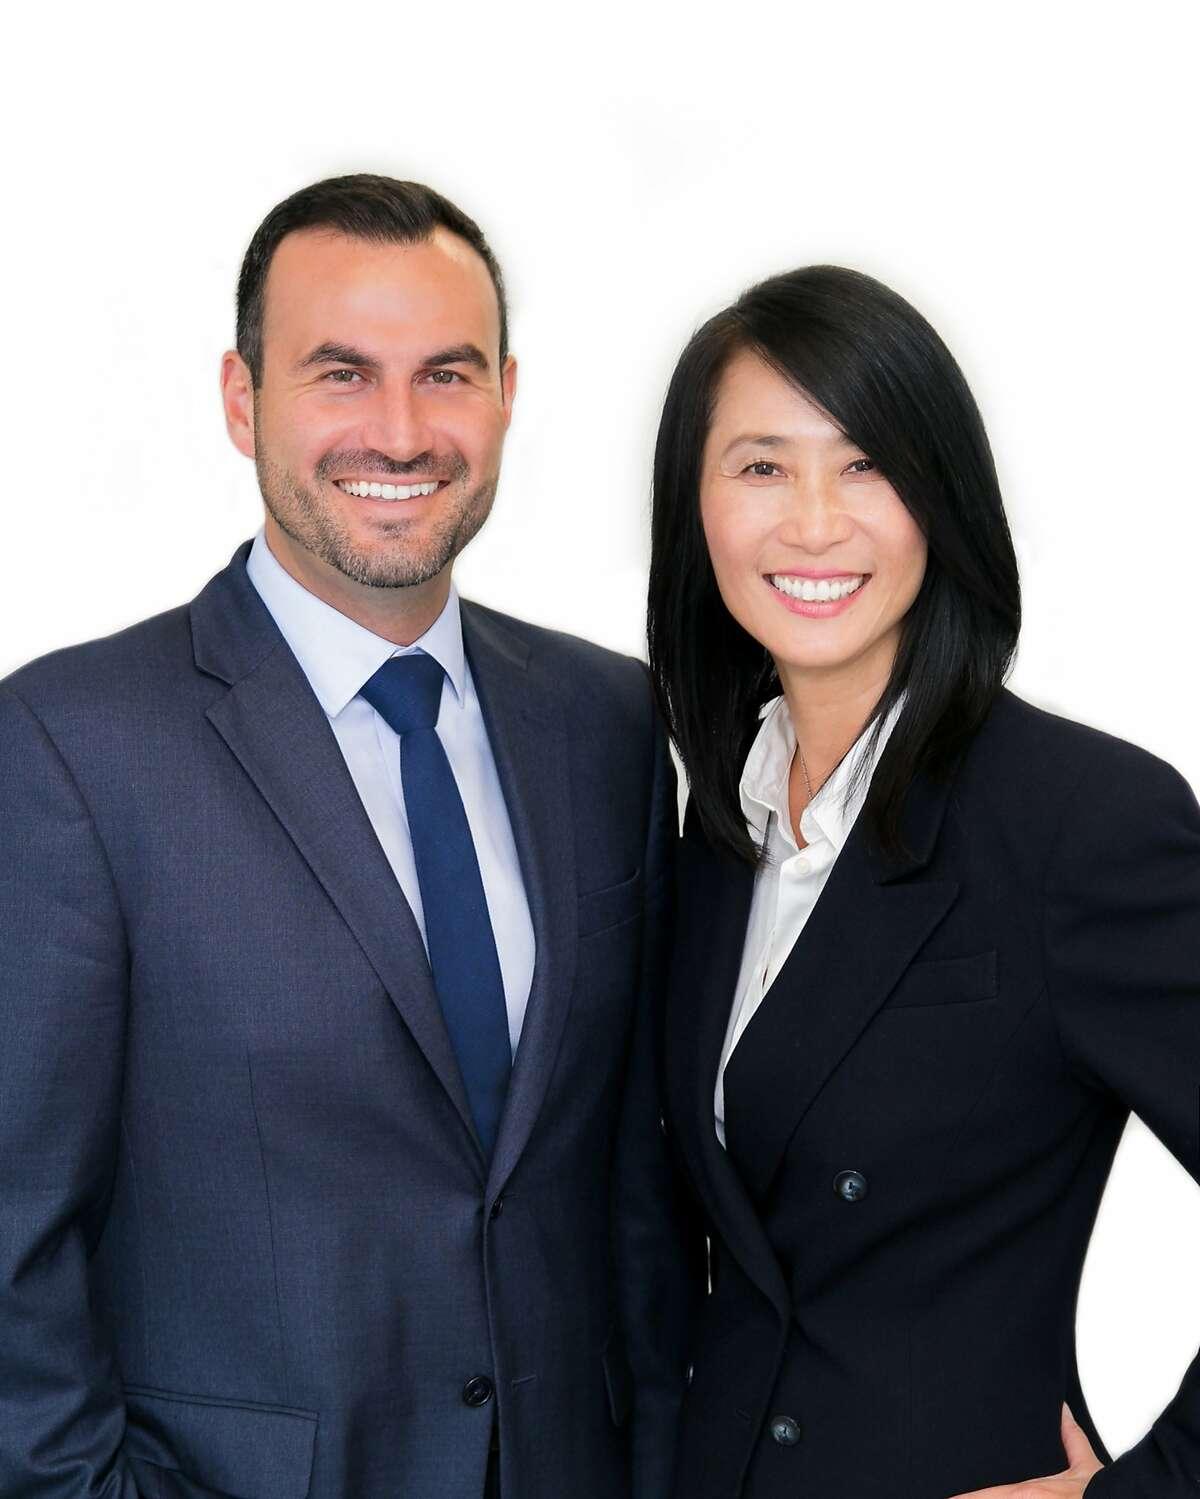 Adam Touni and Wendy Kandasamy